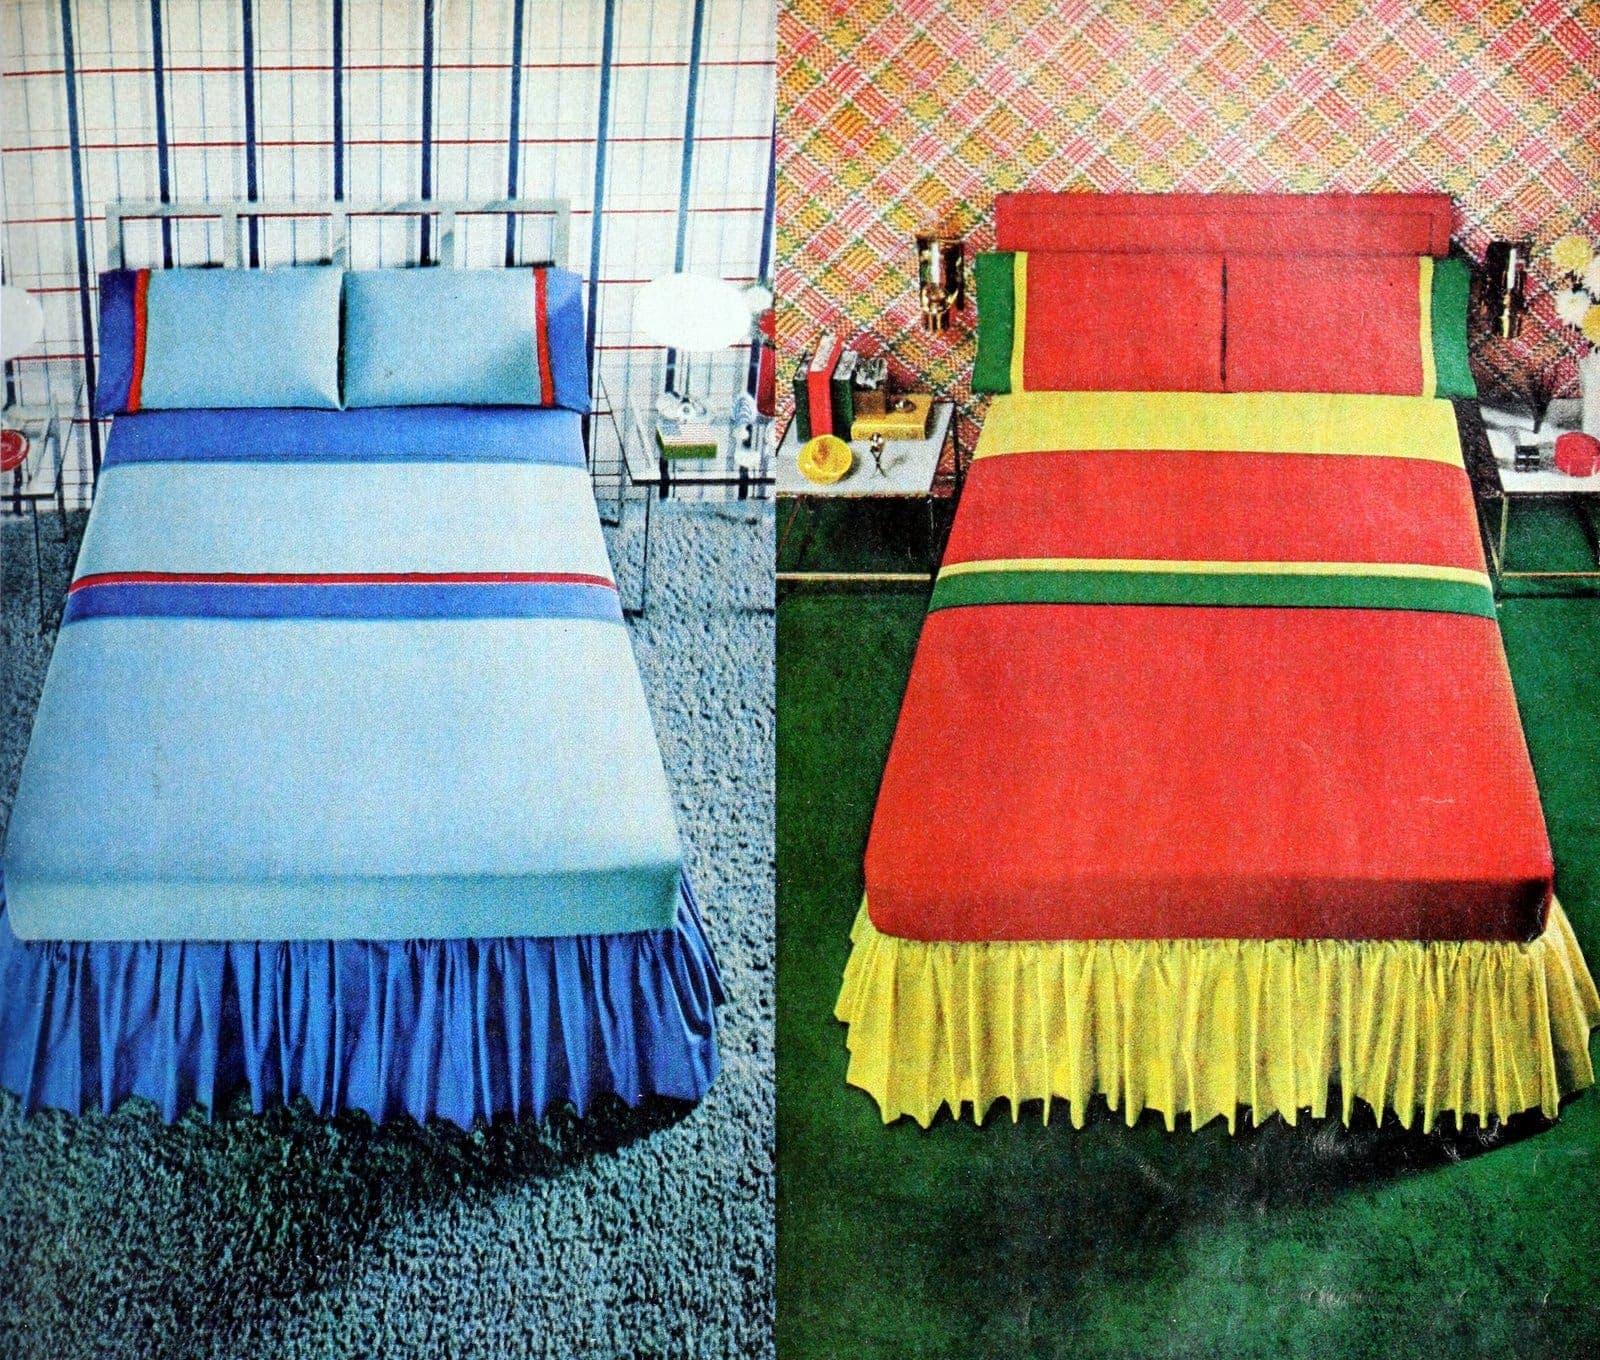 Vintage colorblock bedding for kids (1972)